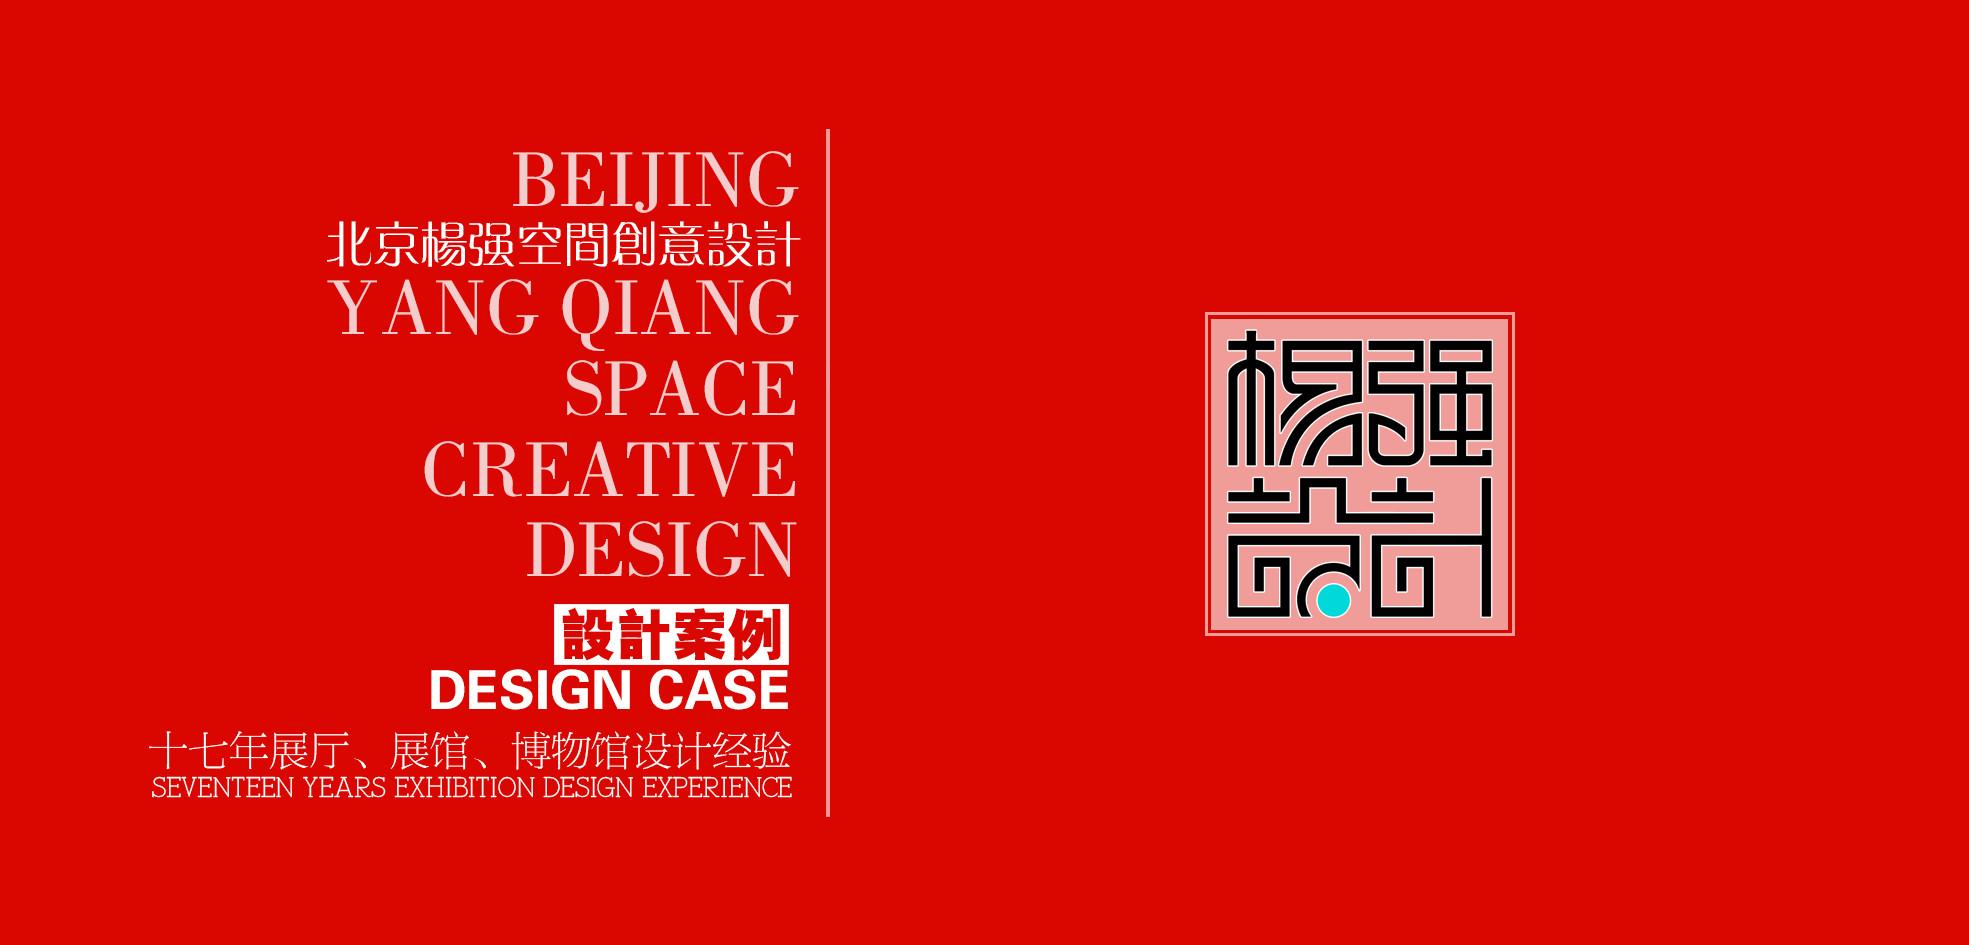 北京杨强空间创意设计[201839154449.jpg]